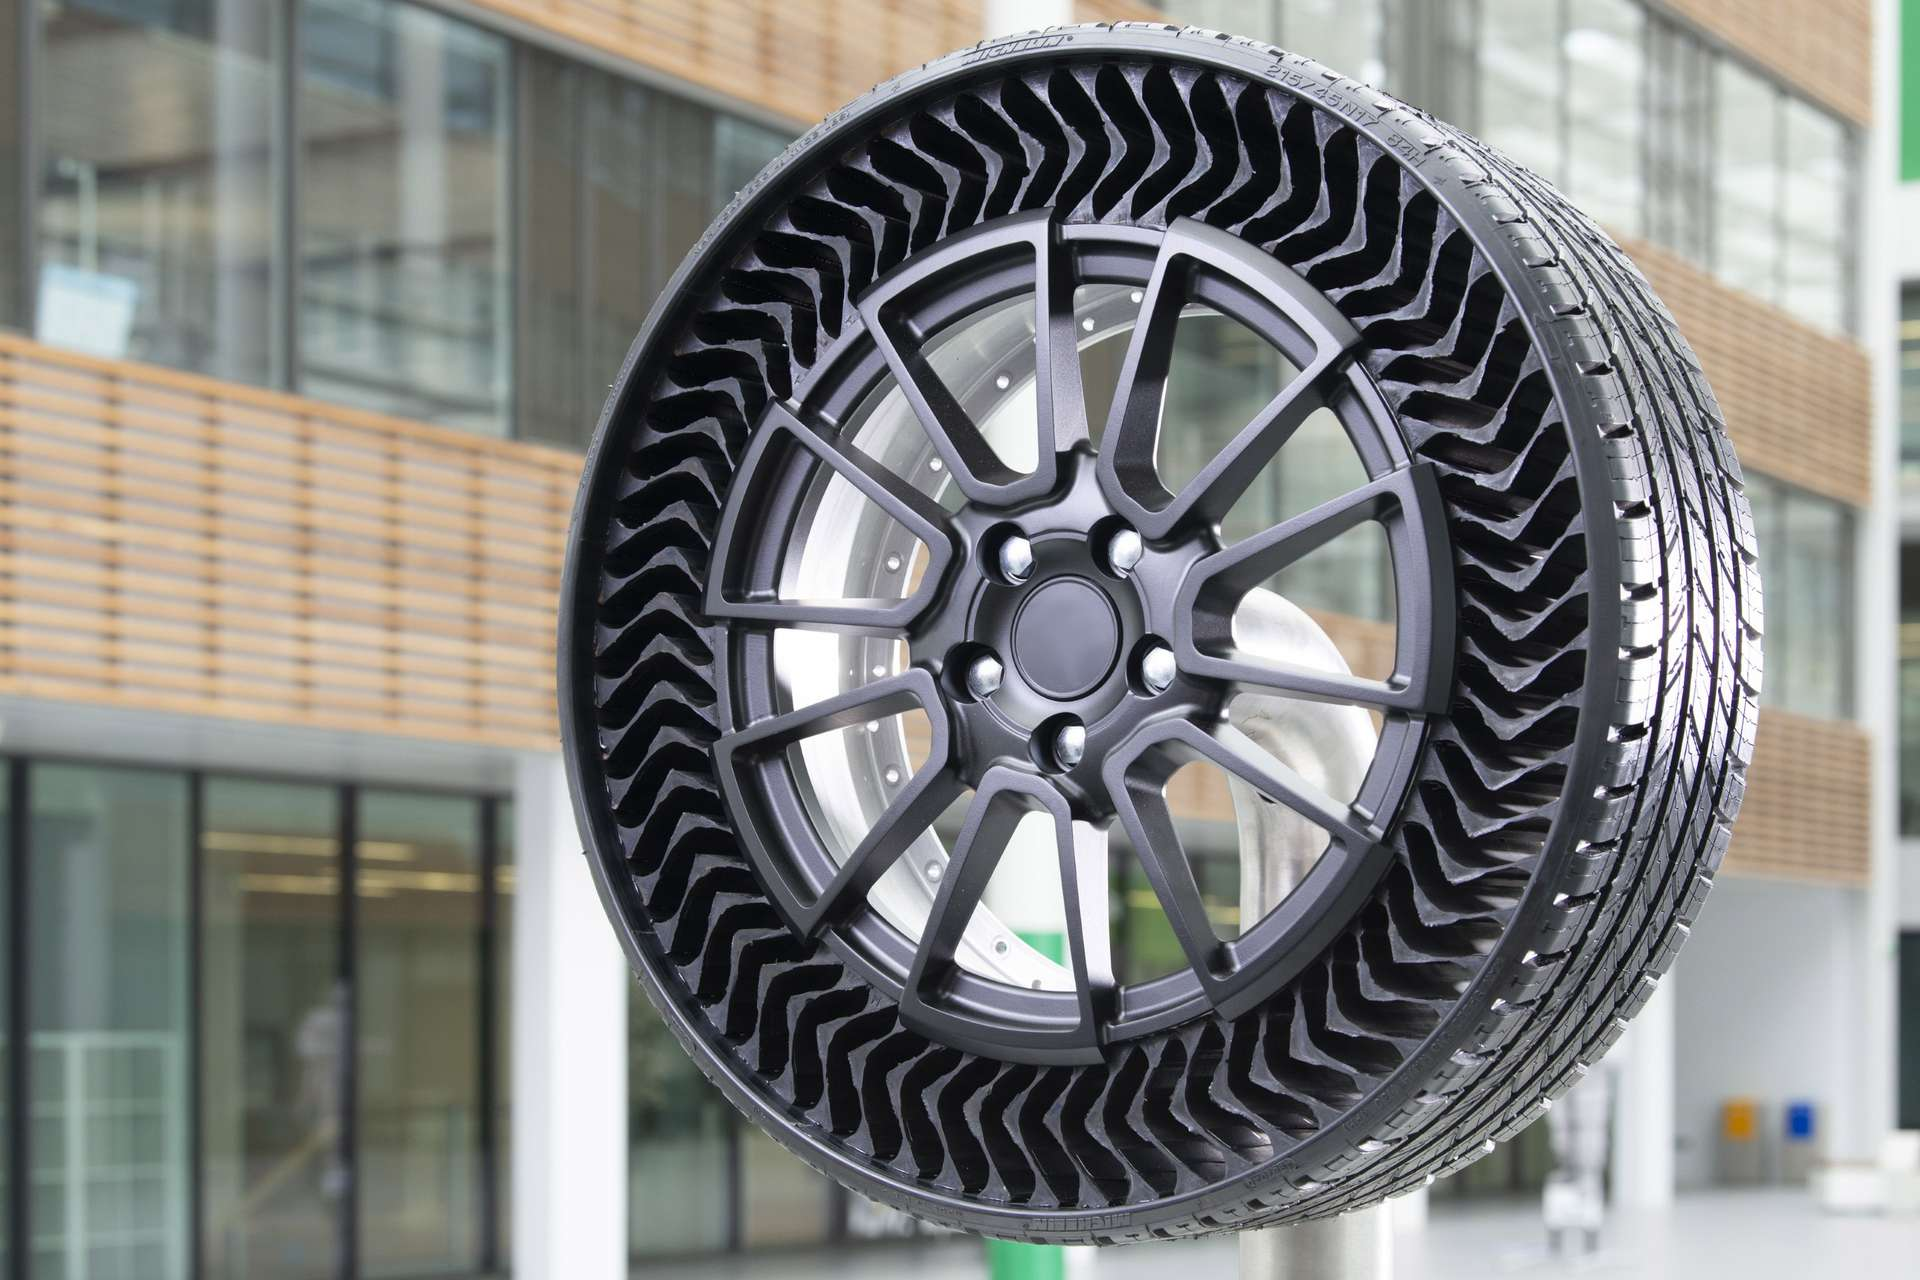 Michelin assure que l'Uptis pourra être utilisé en conditions normales par une voiture de tourisme. © Michelin